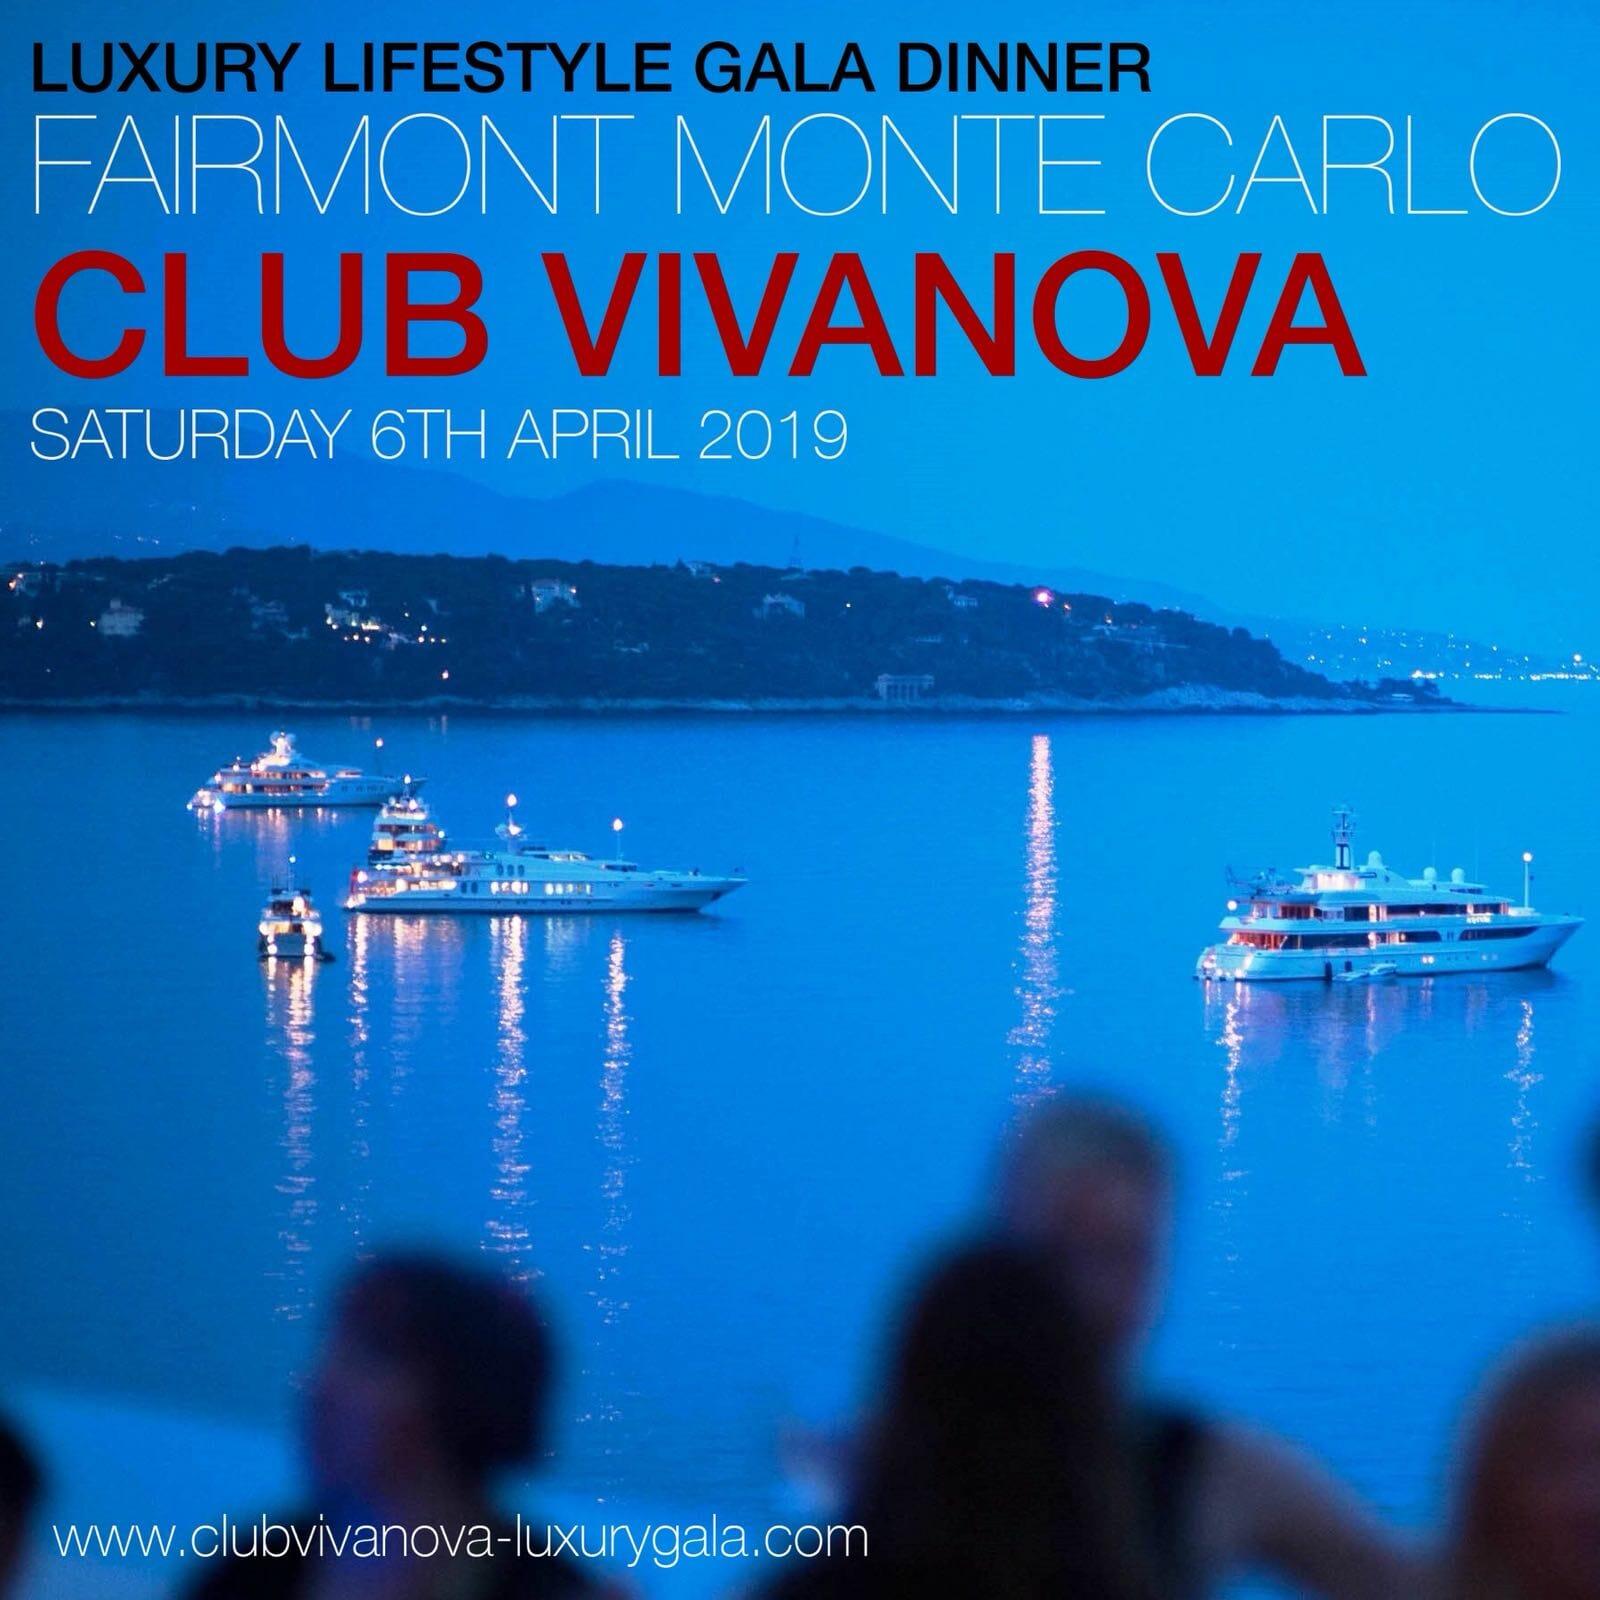 Клуб Vivanova объявляет о запуске 5-го гала-ужина 2019 Luxury Lifestyle Gala Dinner и о новых партнерах